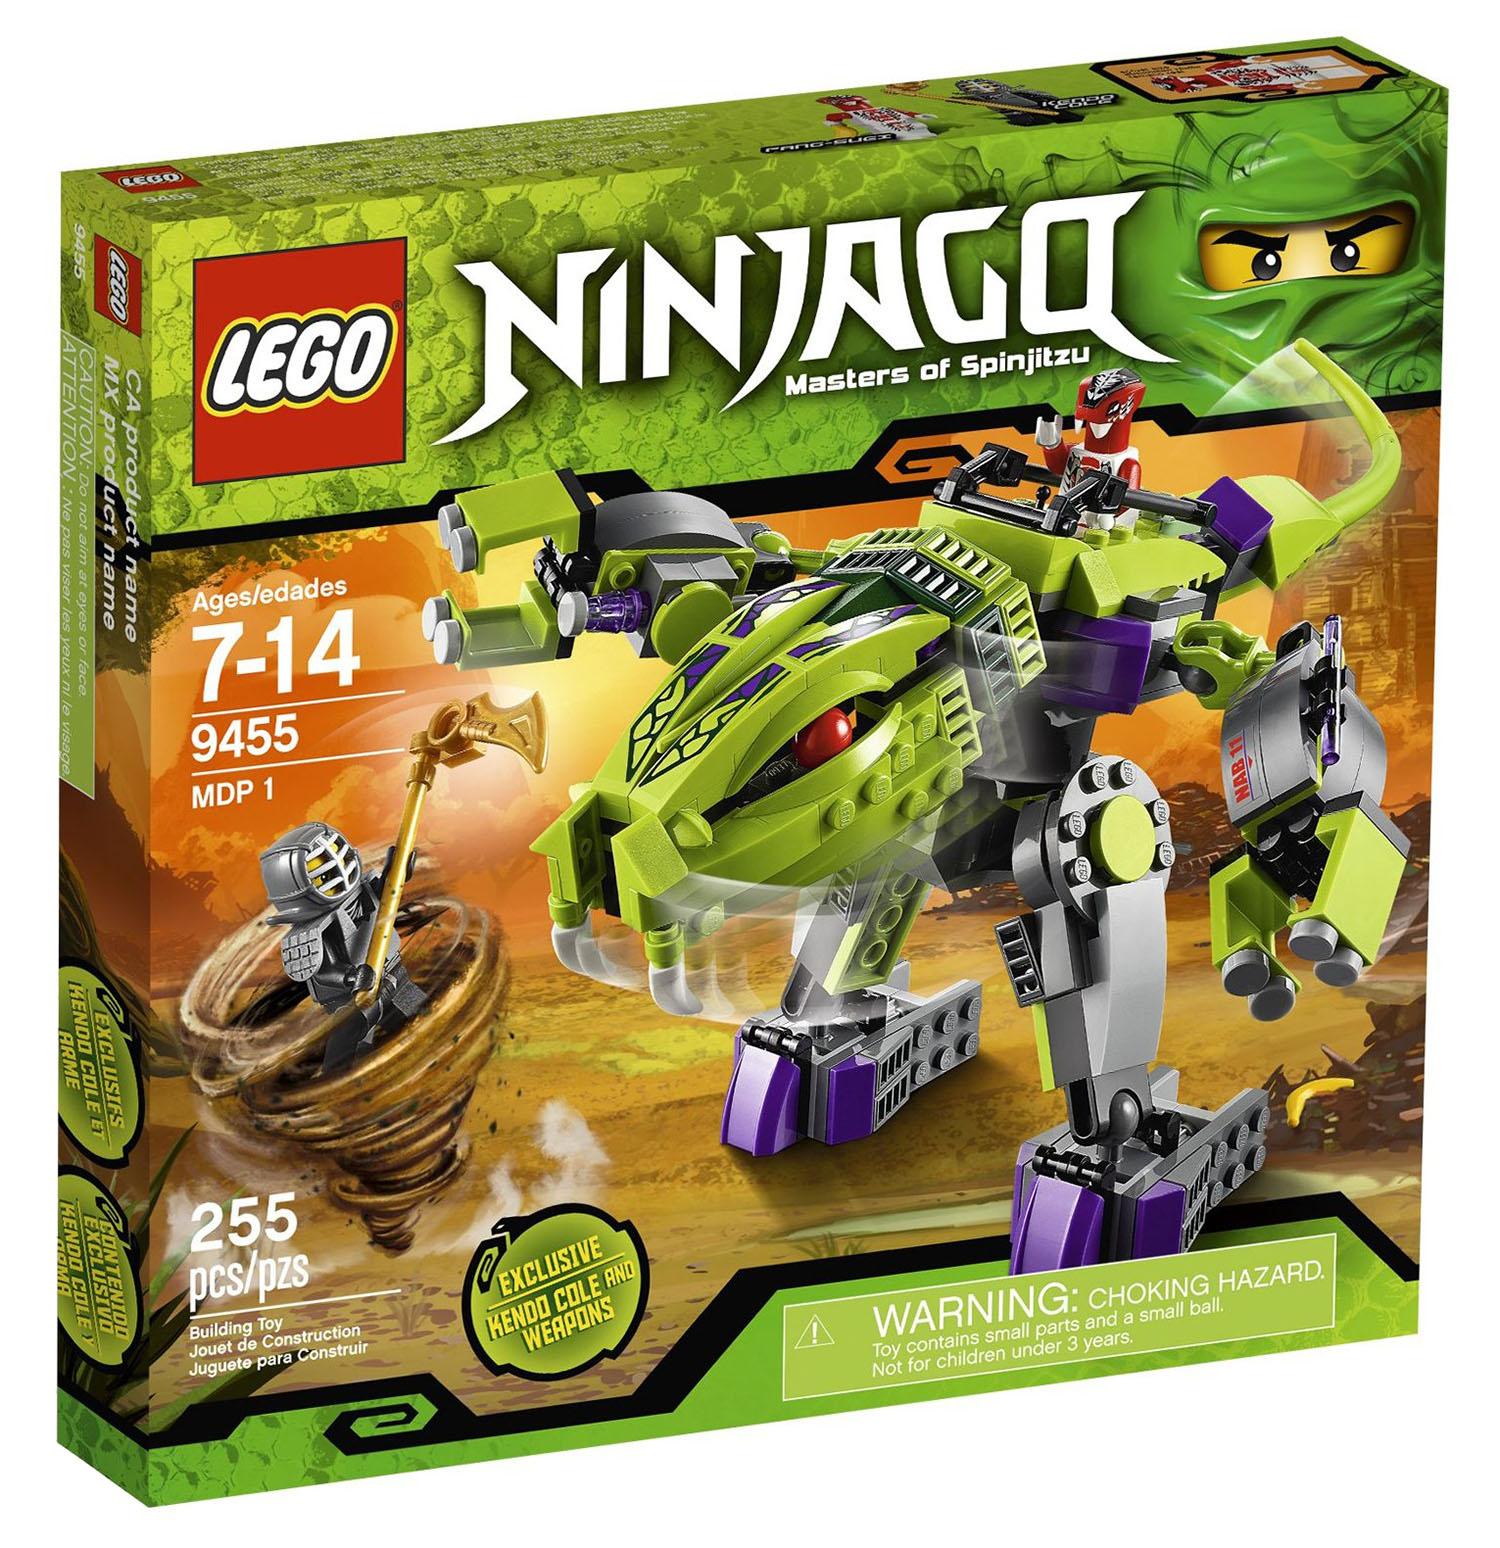 Lego ninjago 9455 pas cher le robot fangpyre - Ninjago dragon d or ...